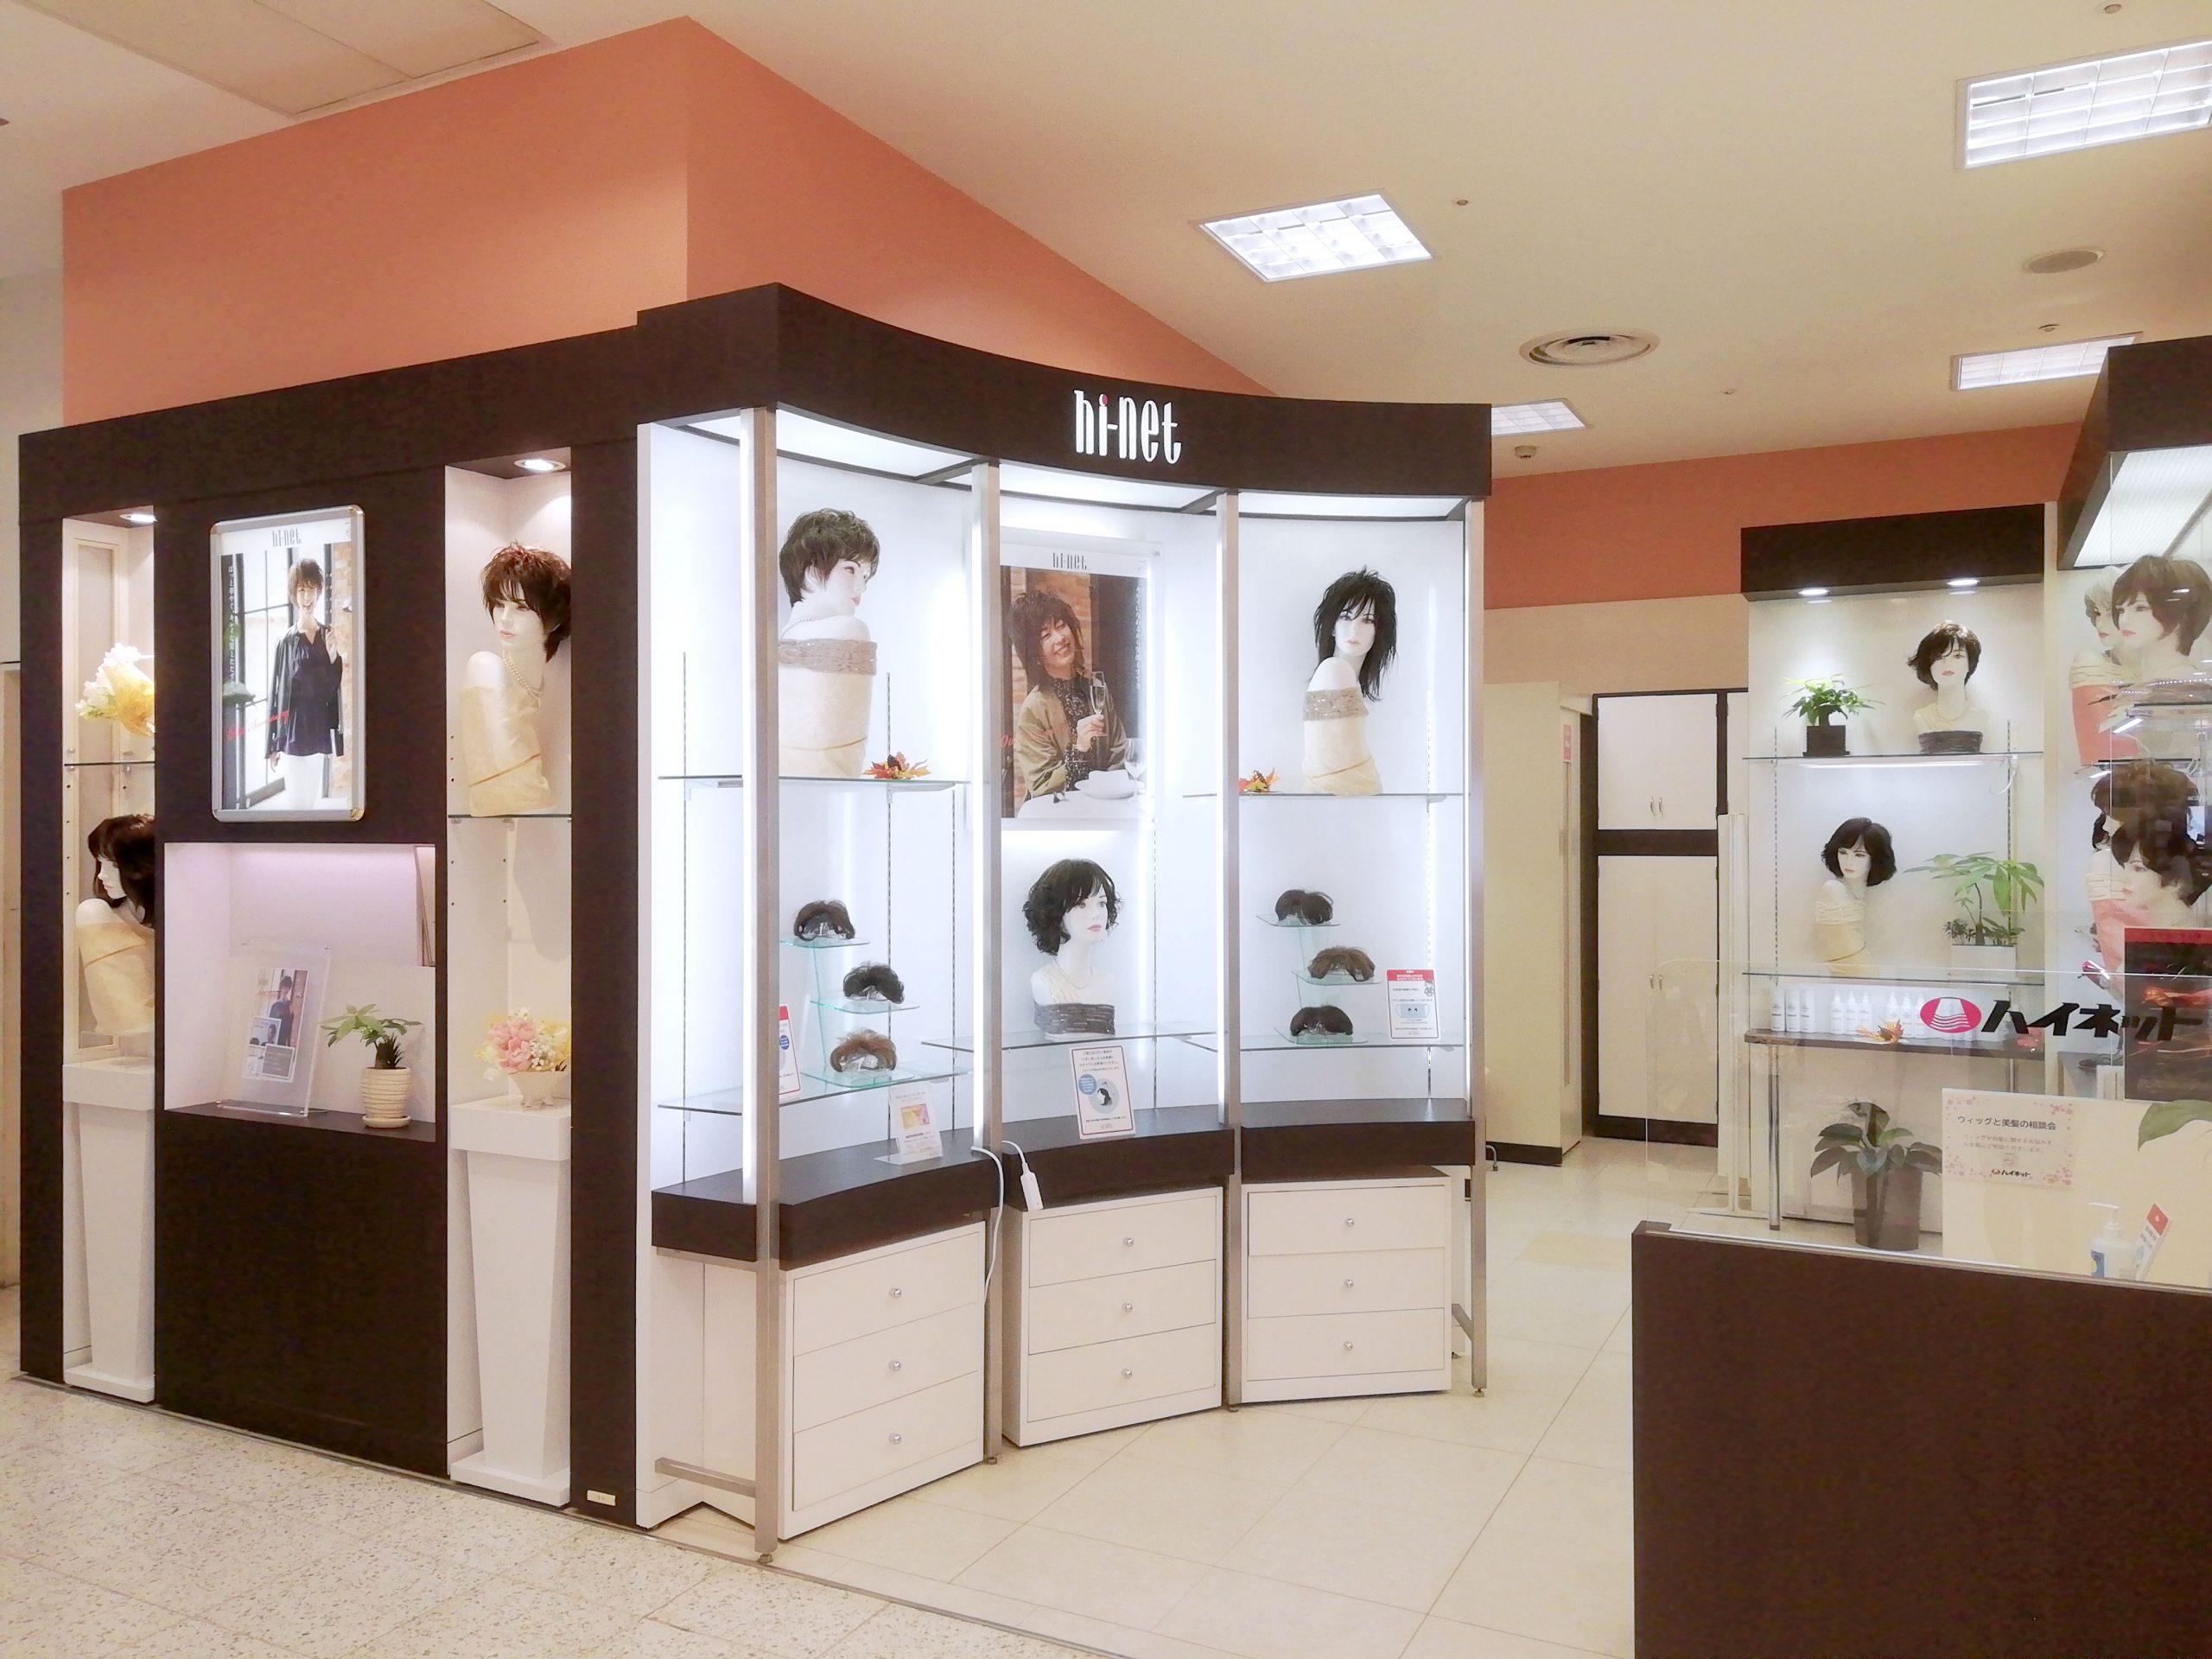 ハイネット60周年記念<br>ヘアウイッグコレクション<br>さっぽろ東急店